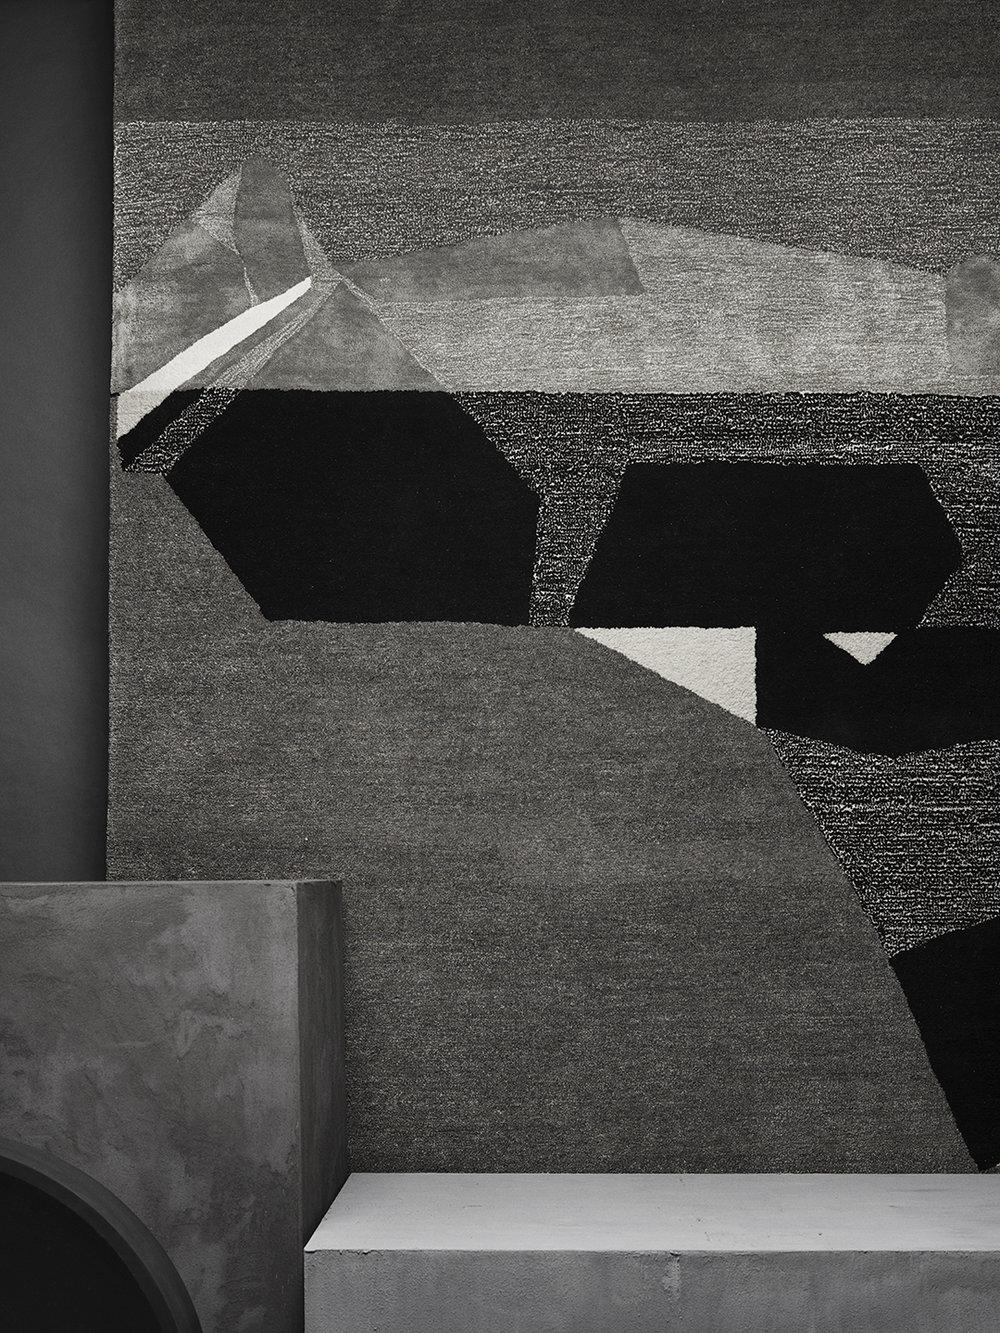 Charlotte Jonckheer x Serge Lesage — Paysage I